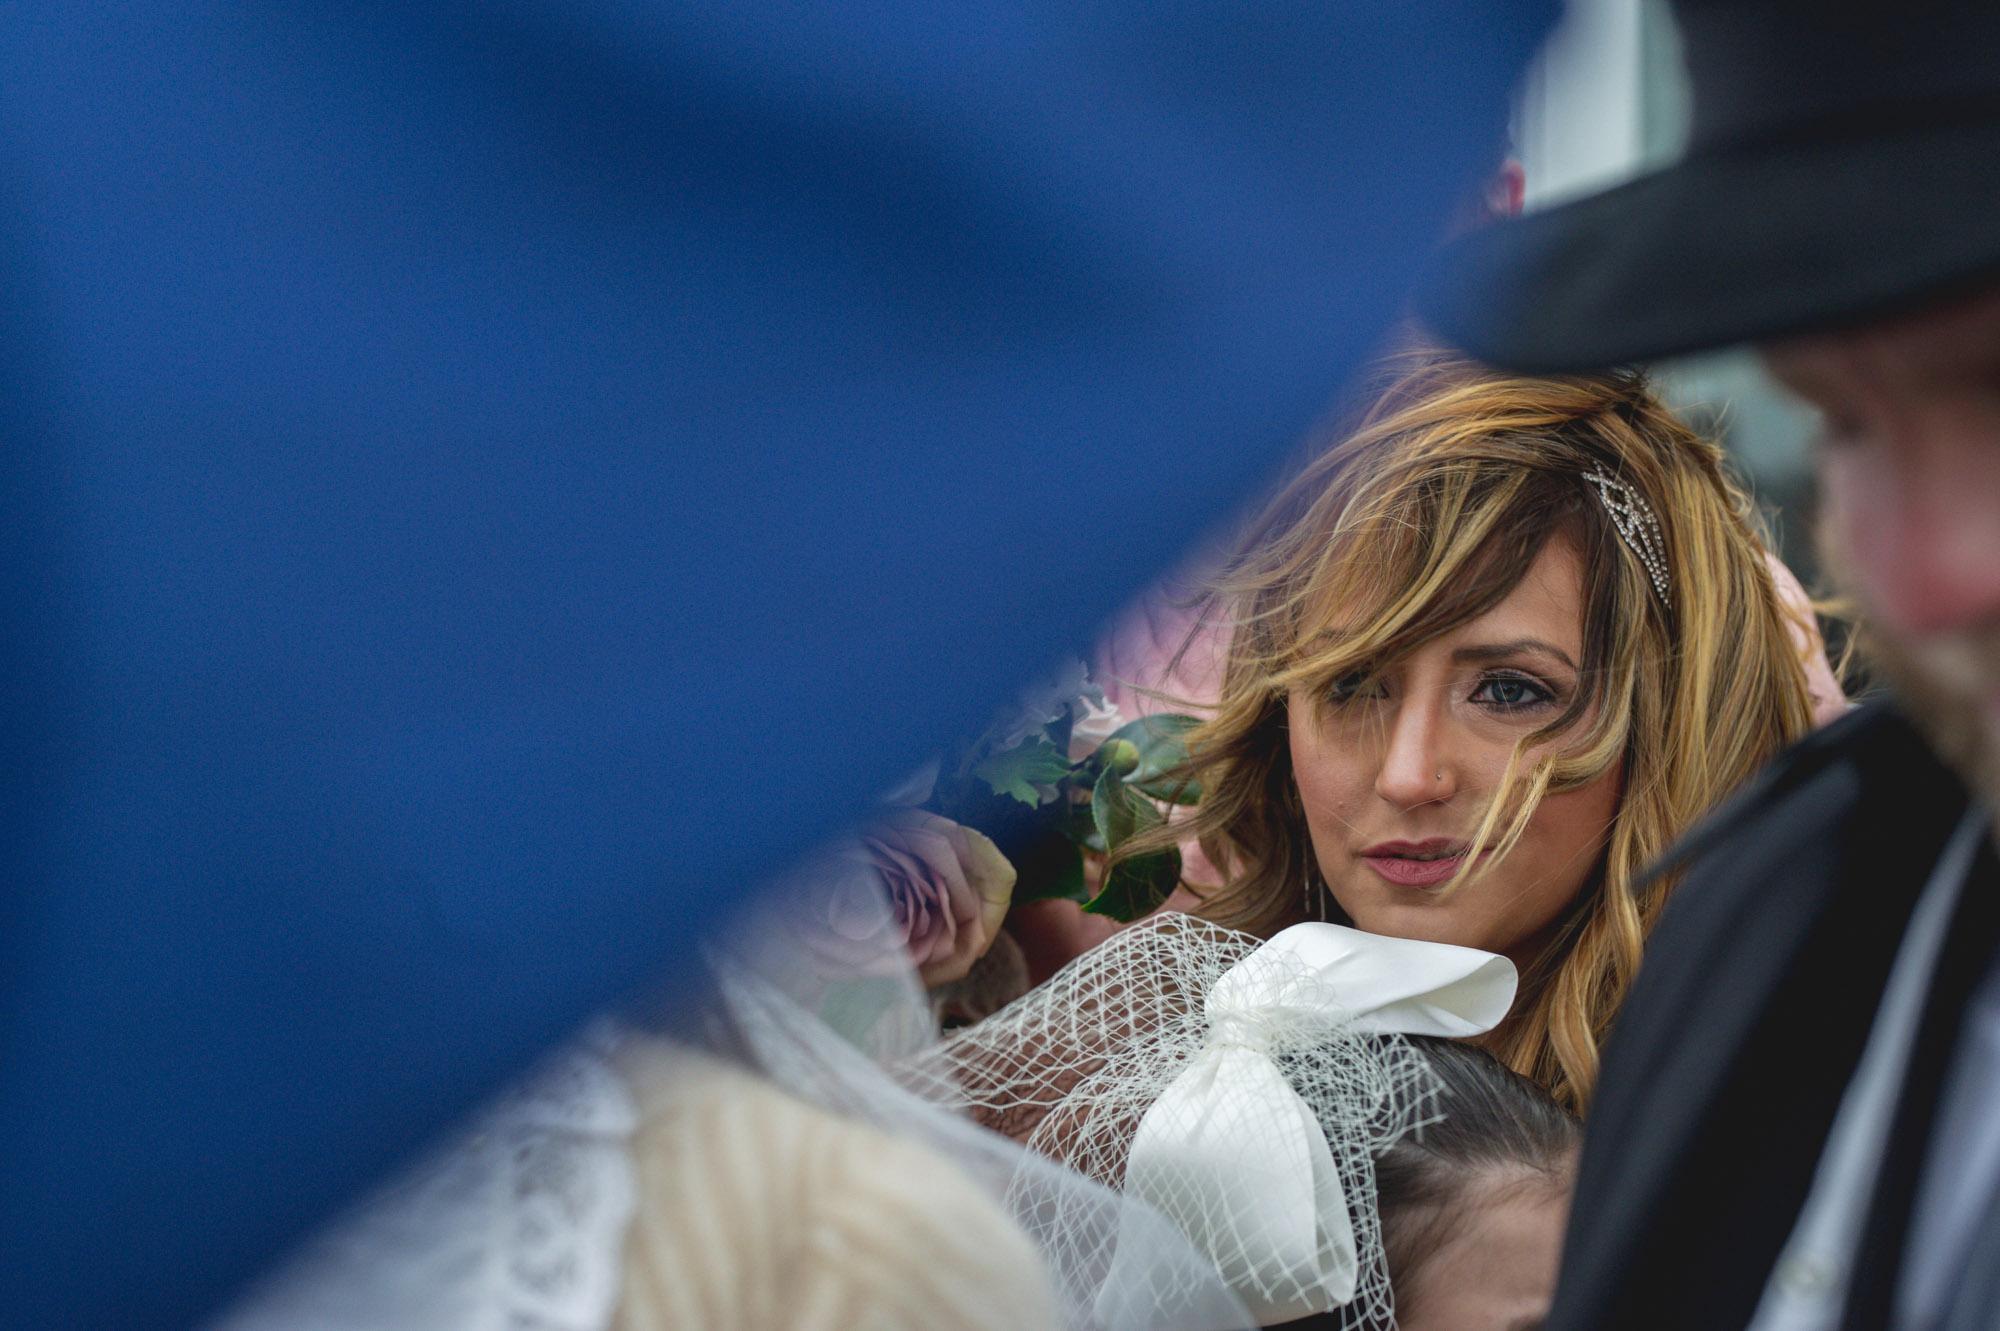 john-henry-wedding-photographer-aaron-devorah-the-lookout-054.JPG